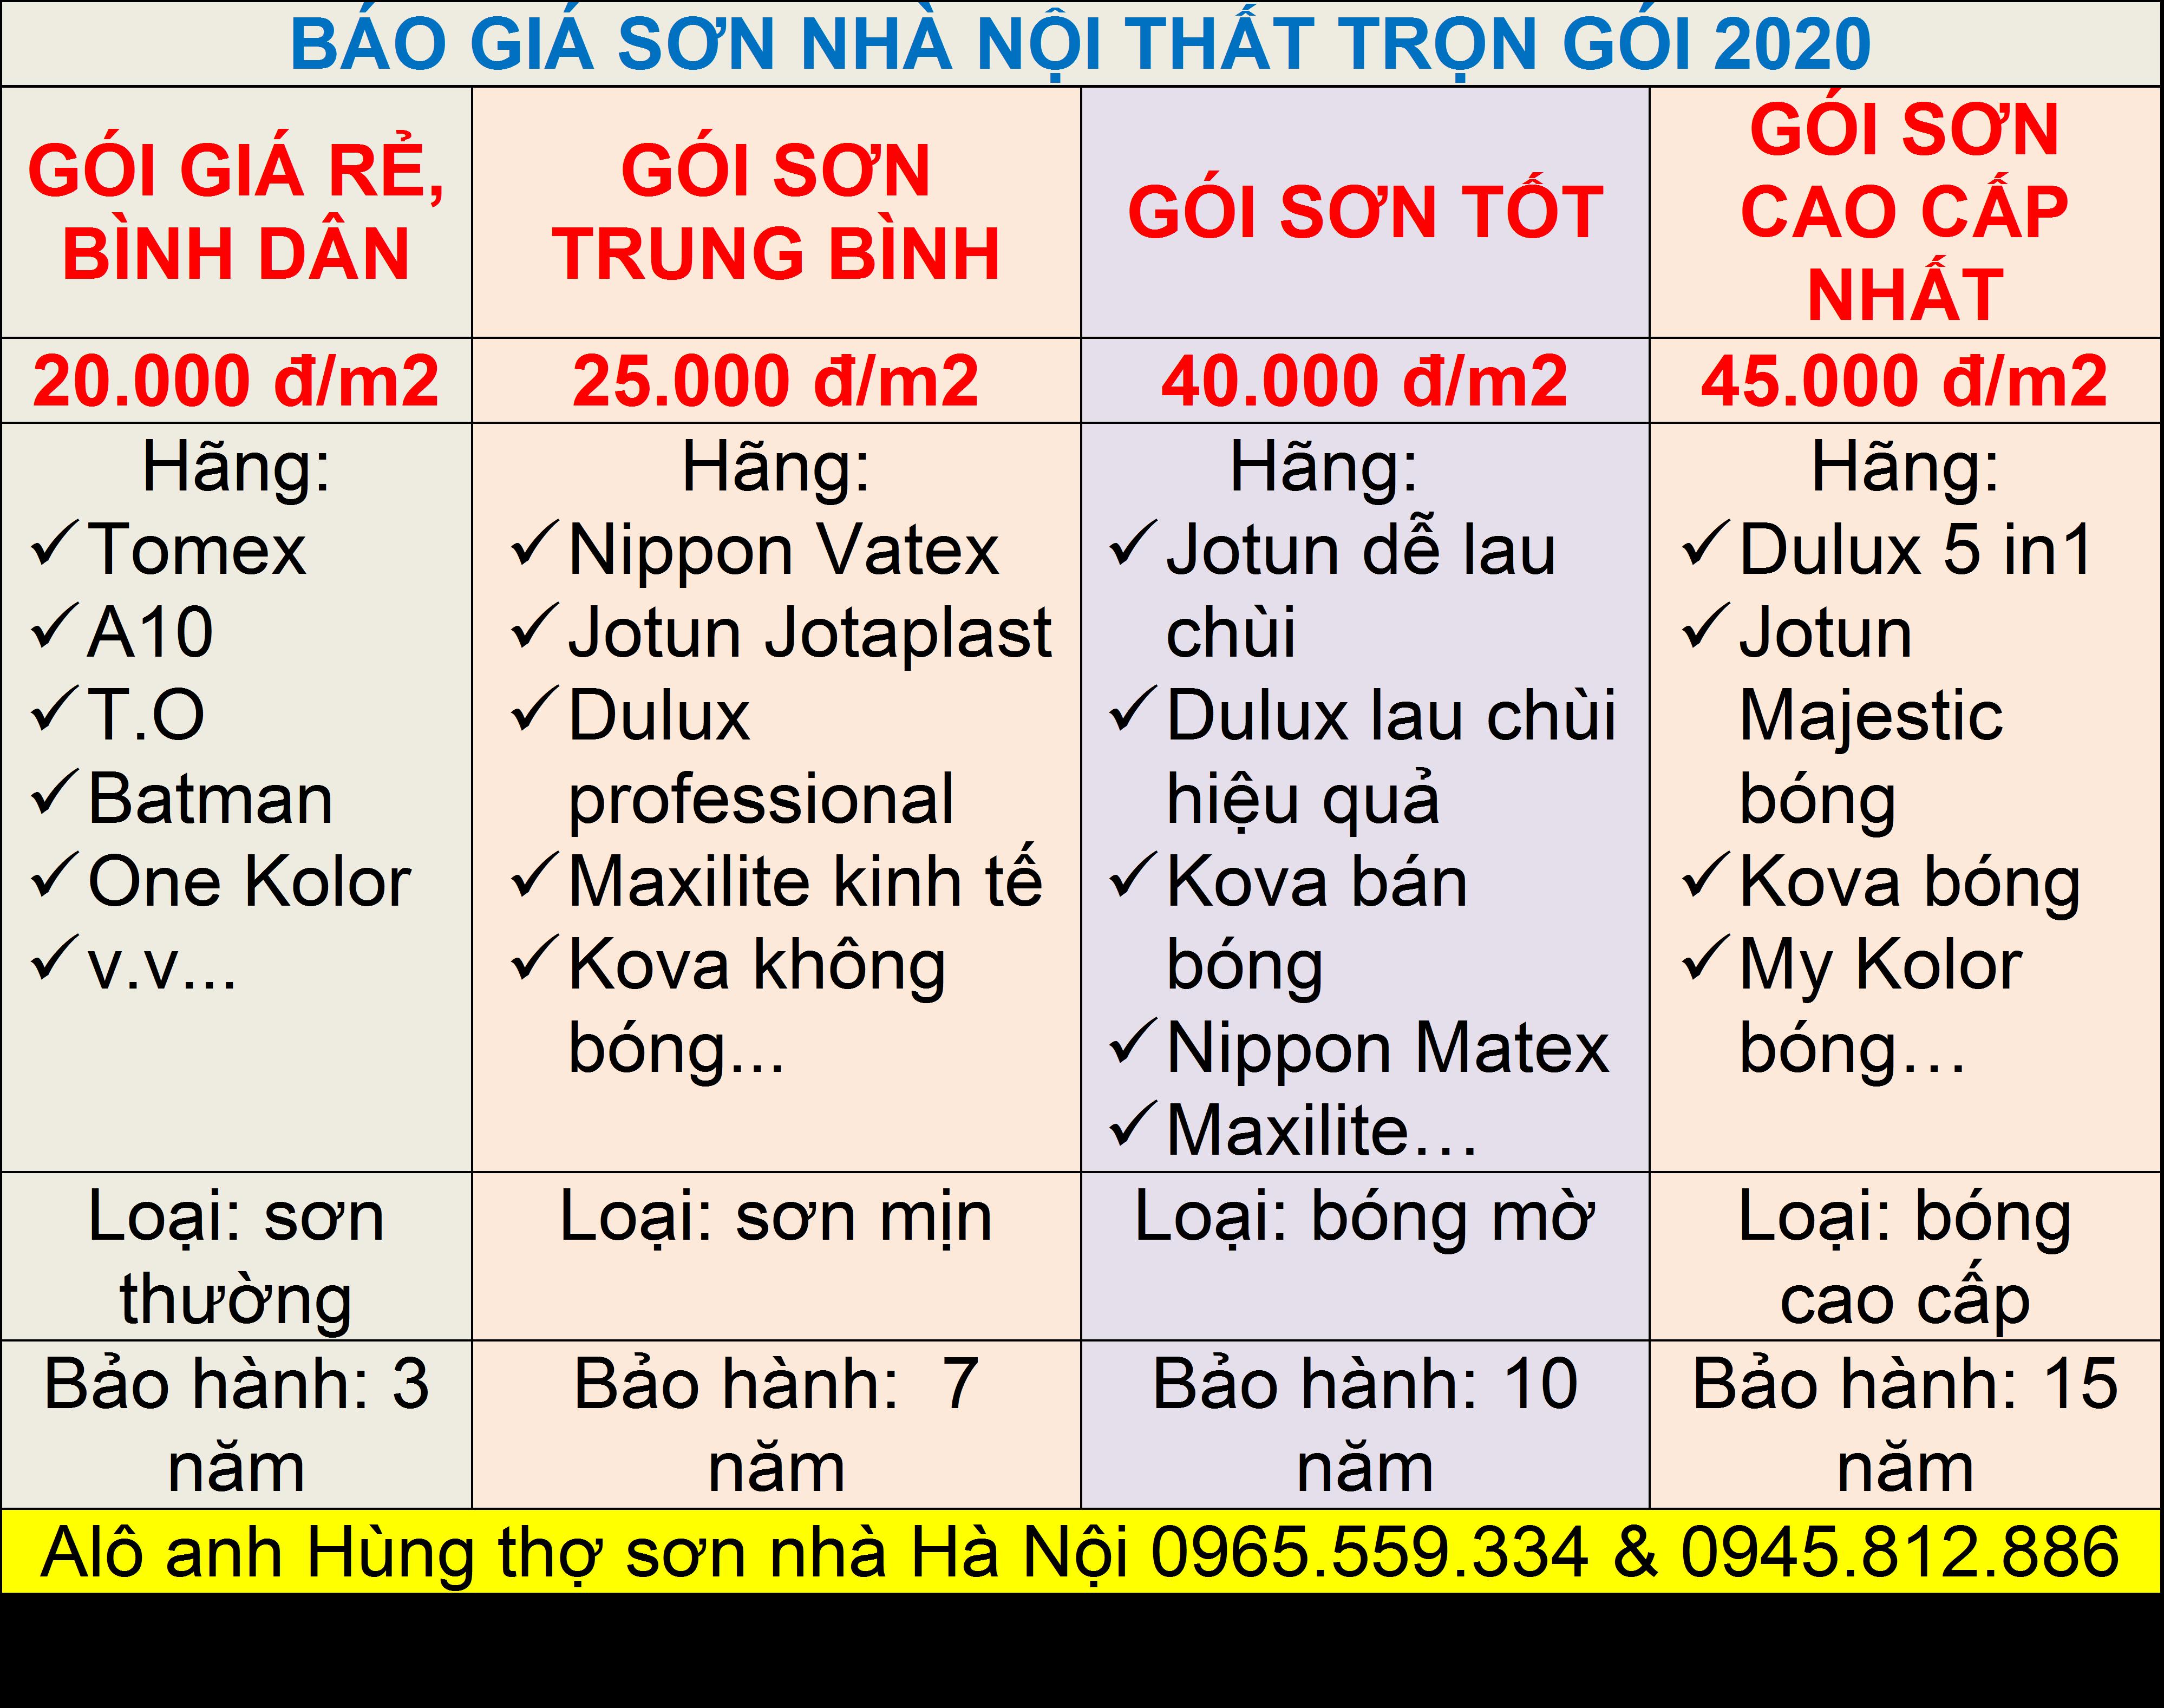 Báo giá sợn nhà trọn gói tại Hà Nội mới nhất 2020